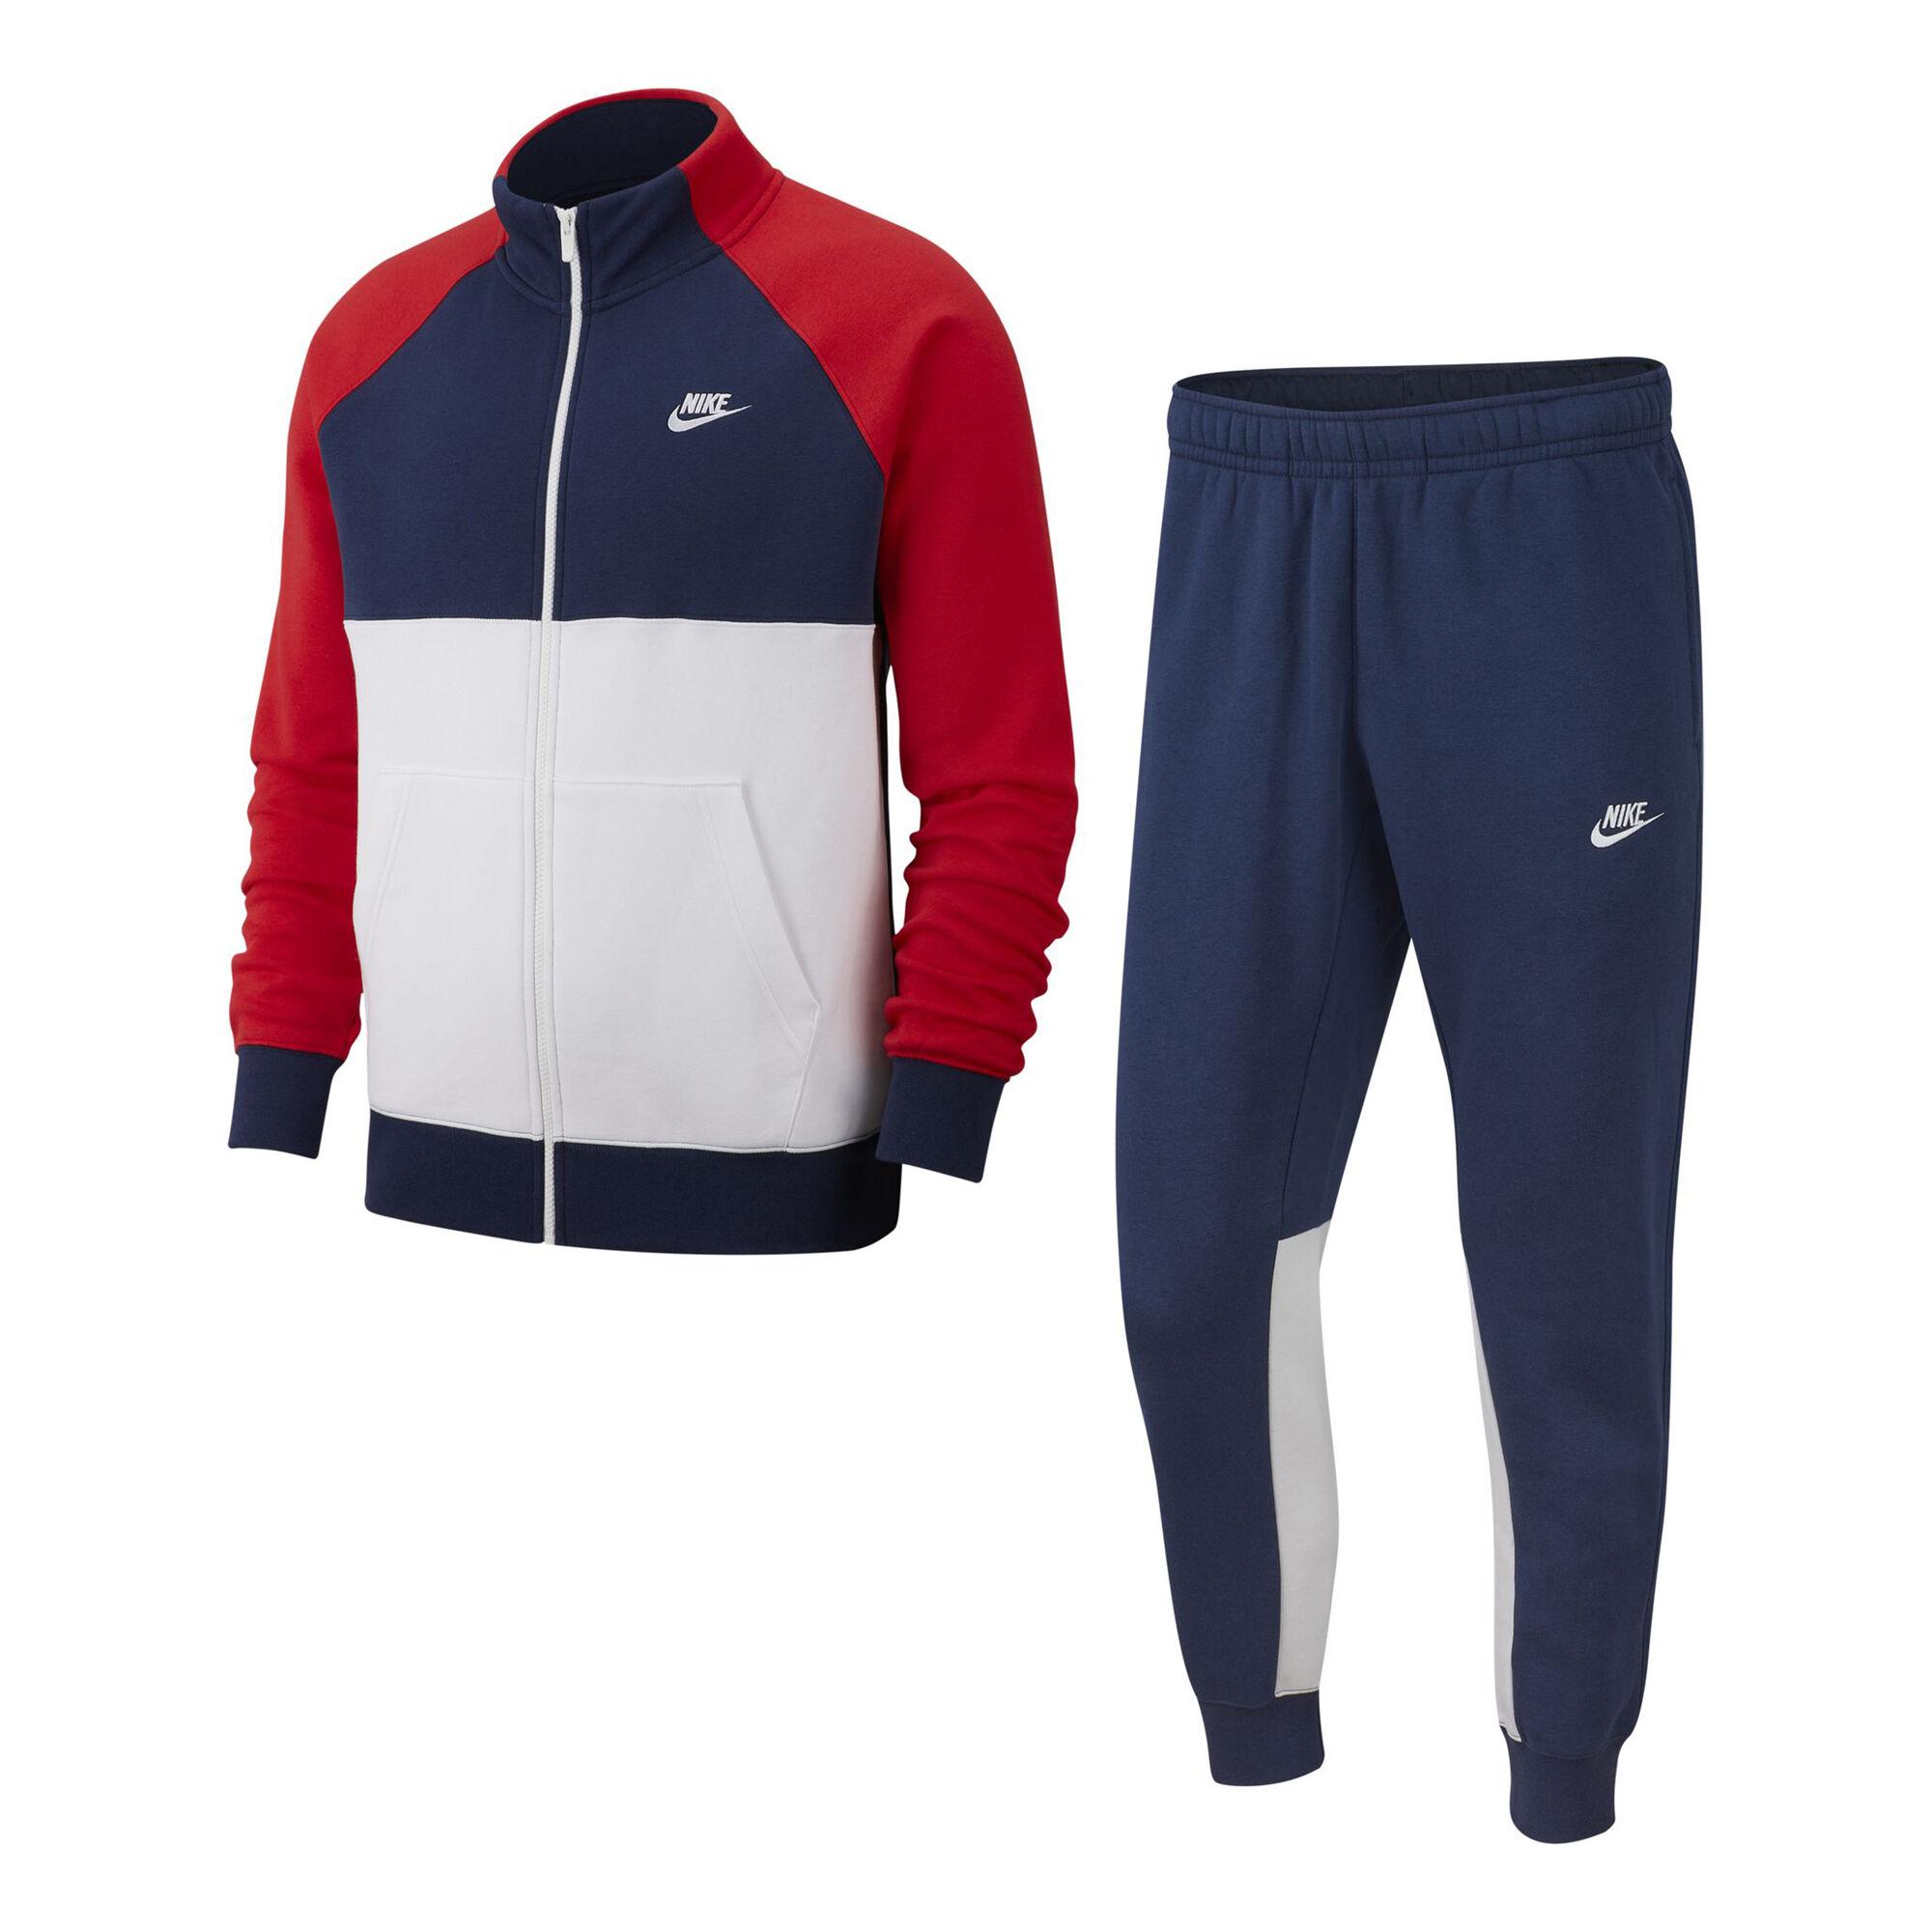 pasta Agricultura Popa  Nike Sportswear Trainingsanzug Herren - Dunkelblau, Weiß online kaufen |  Tennis-Point